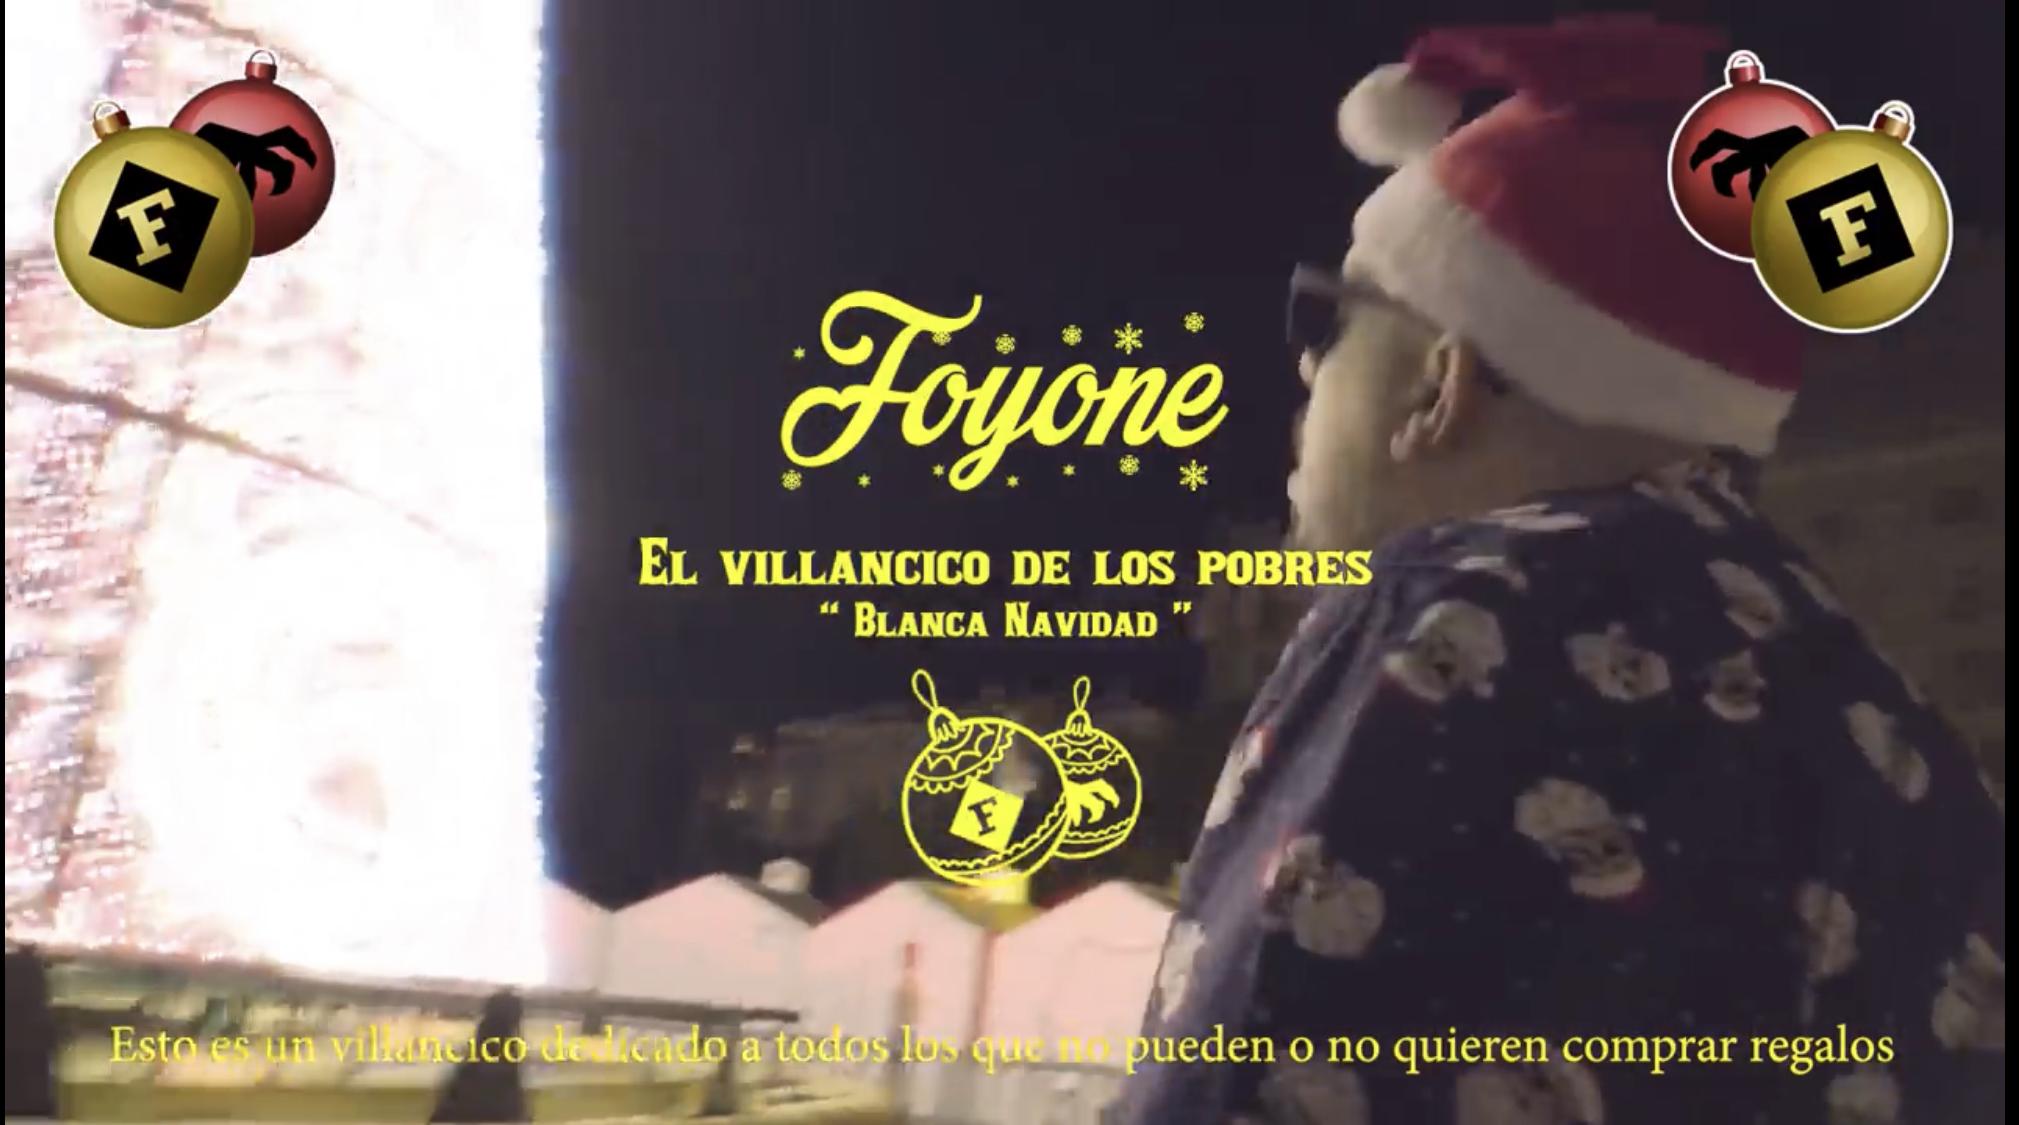 Foyone – El villancico de los pobres/Blanca Navidad